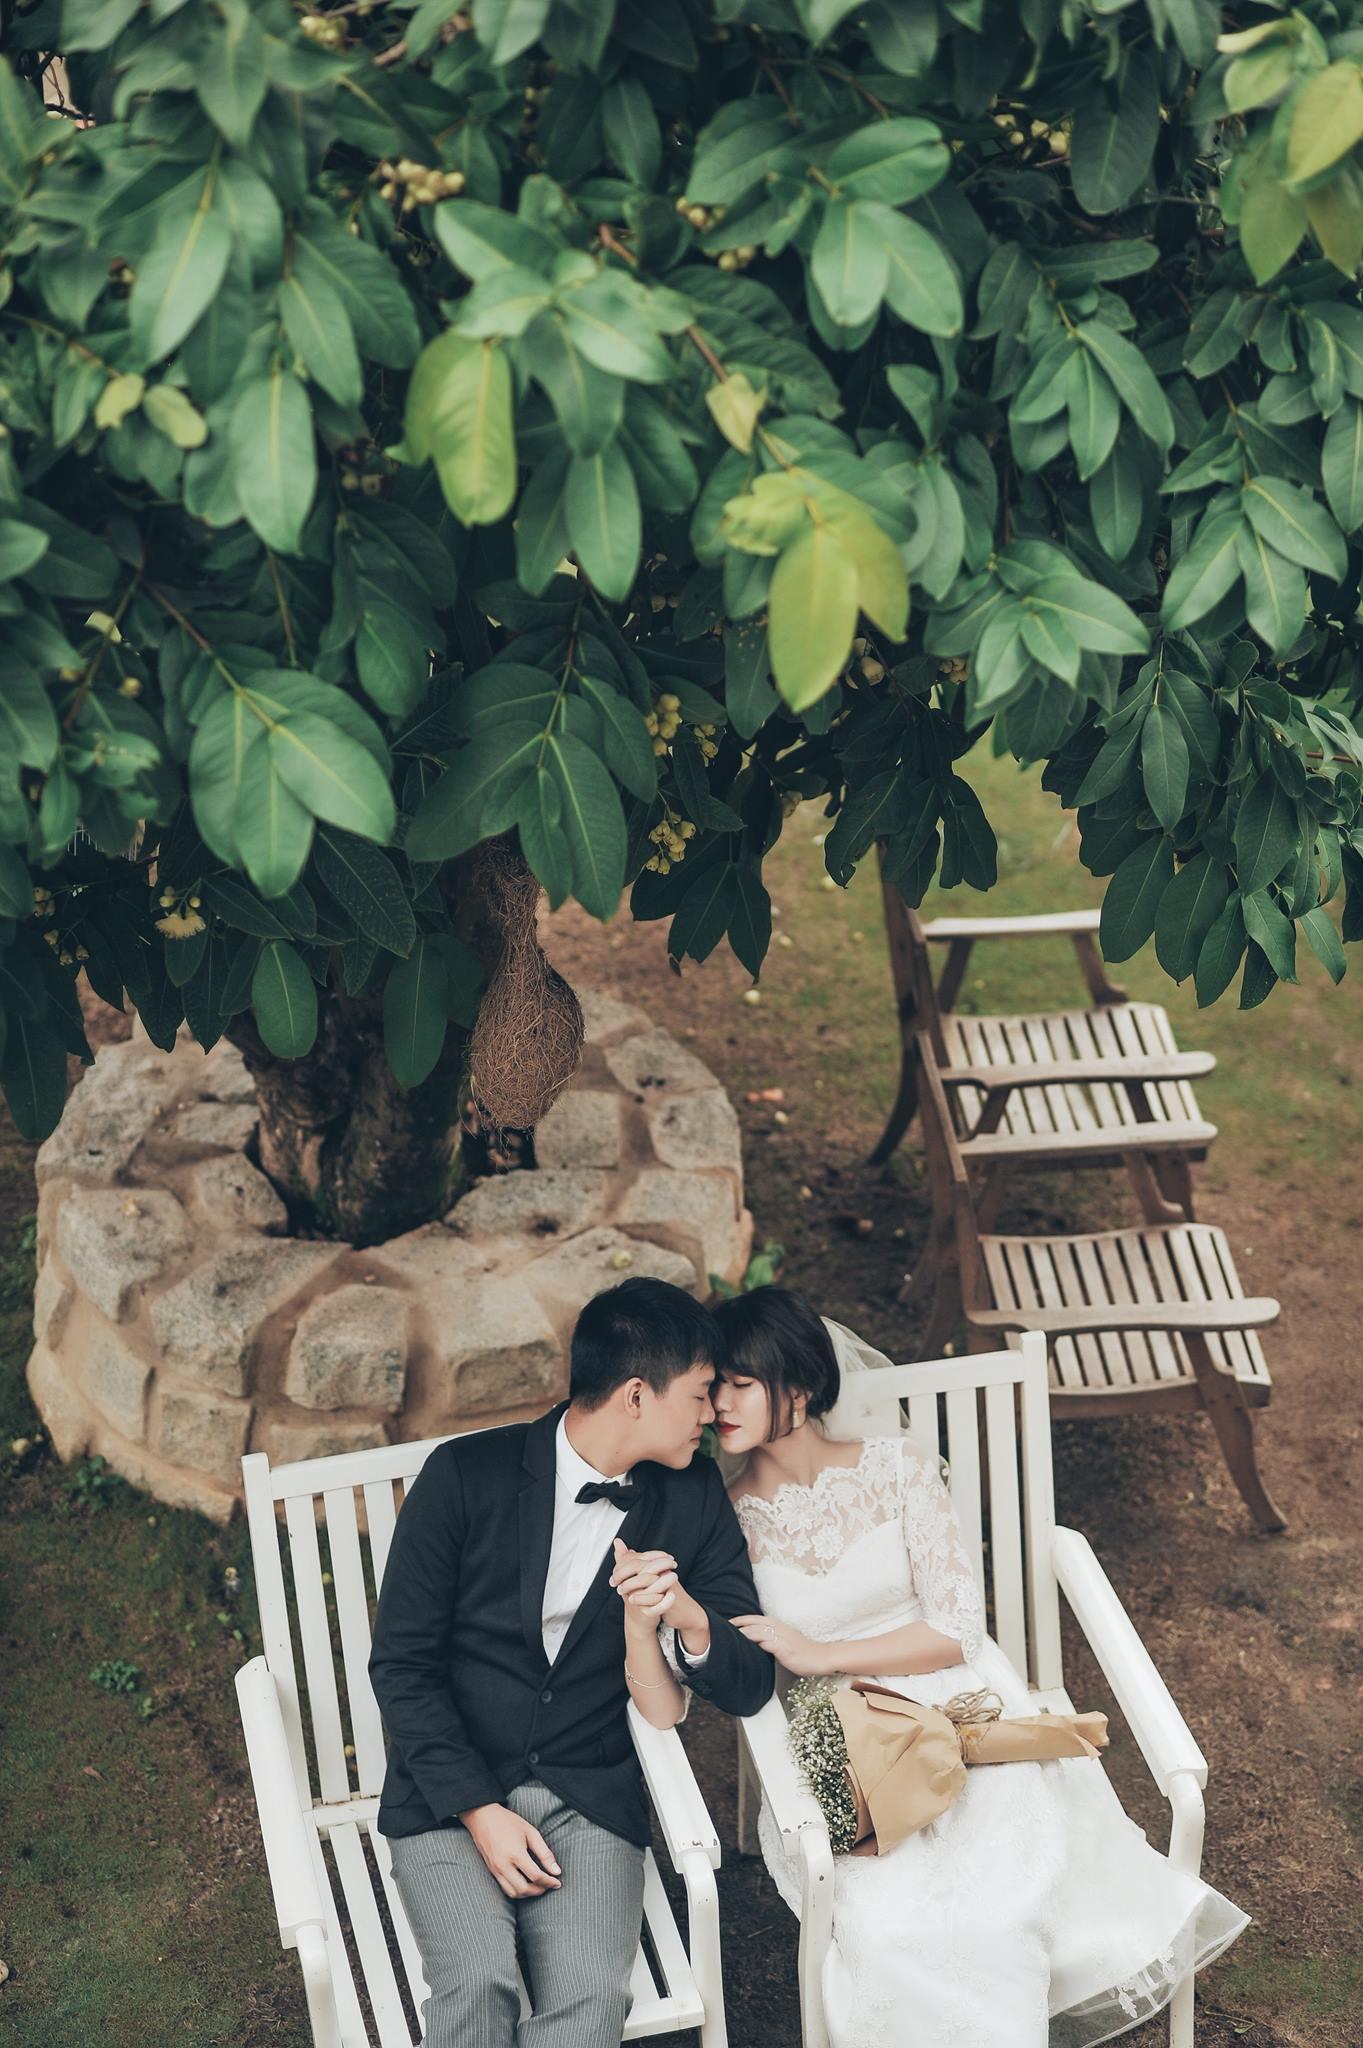 Trọn bộ ảnh cưới giản dị nhưng ngập tràn hạnh phúc của MC Trần Ngọc và 9x xinh đẹp - Ảnh 12.